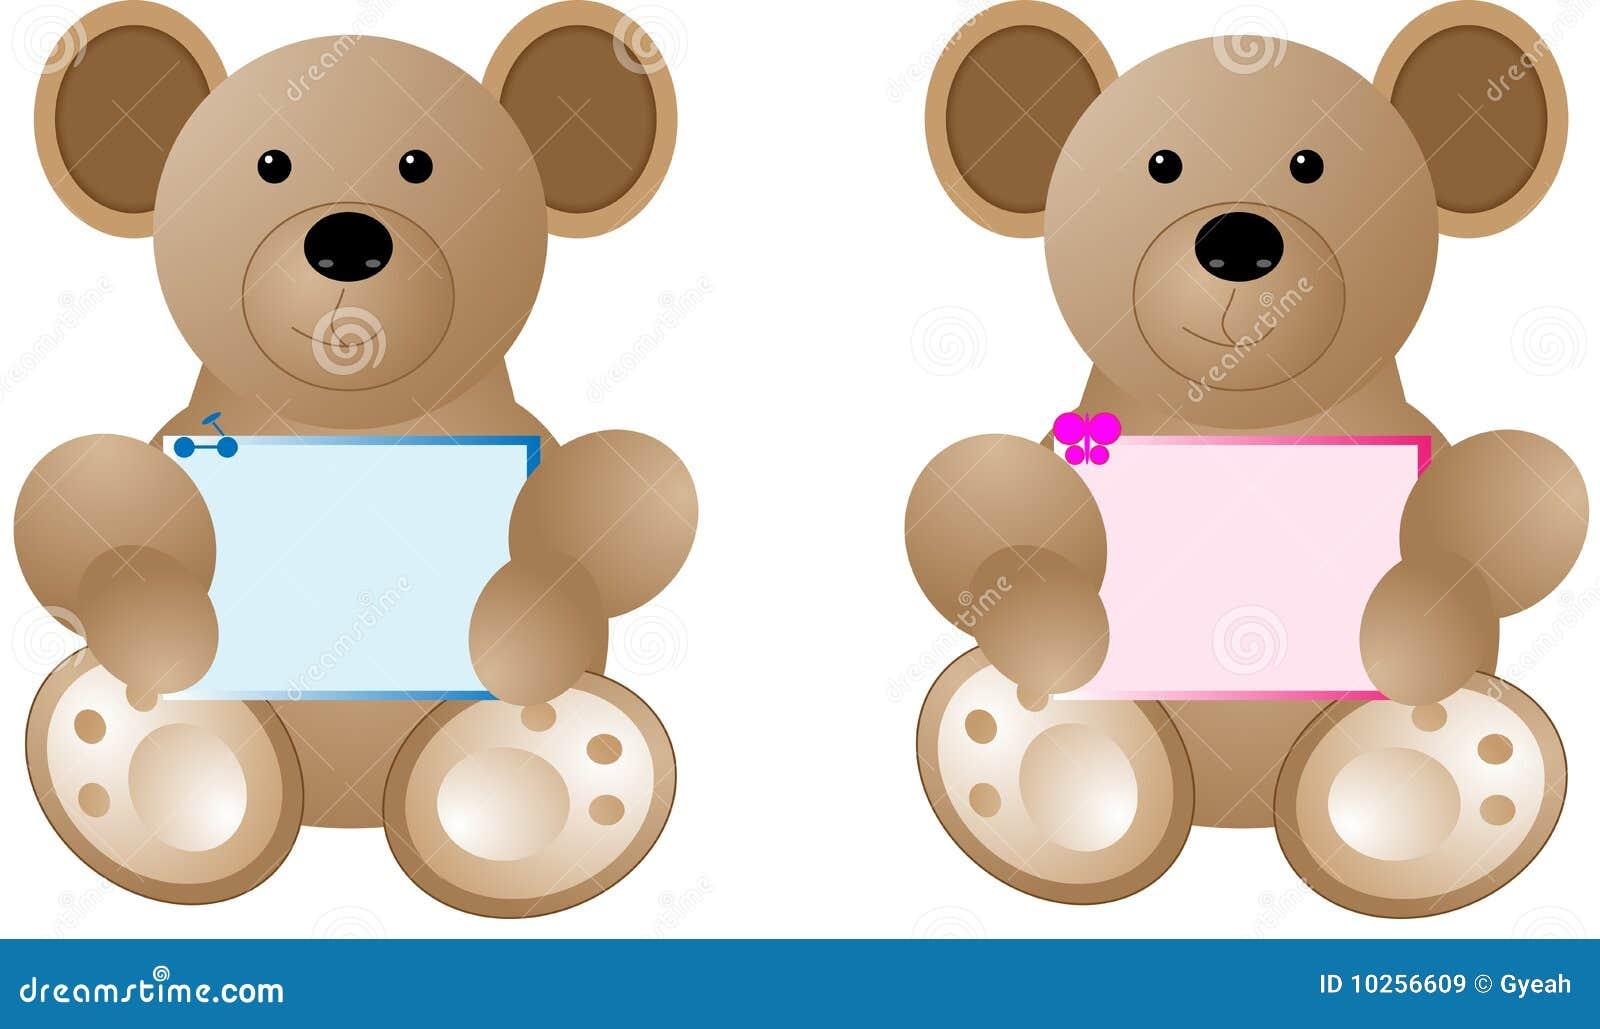 Bear Holding Frame Stock Vector Illustration Of Animal 10256609